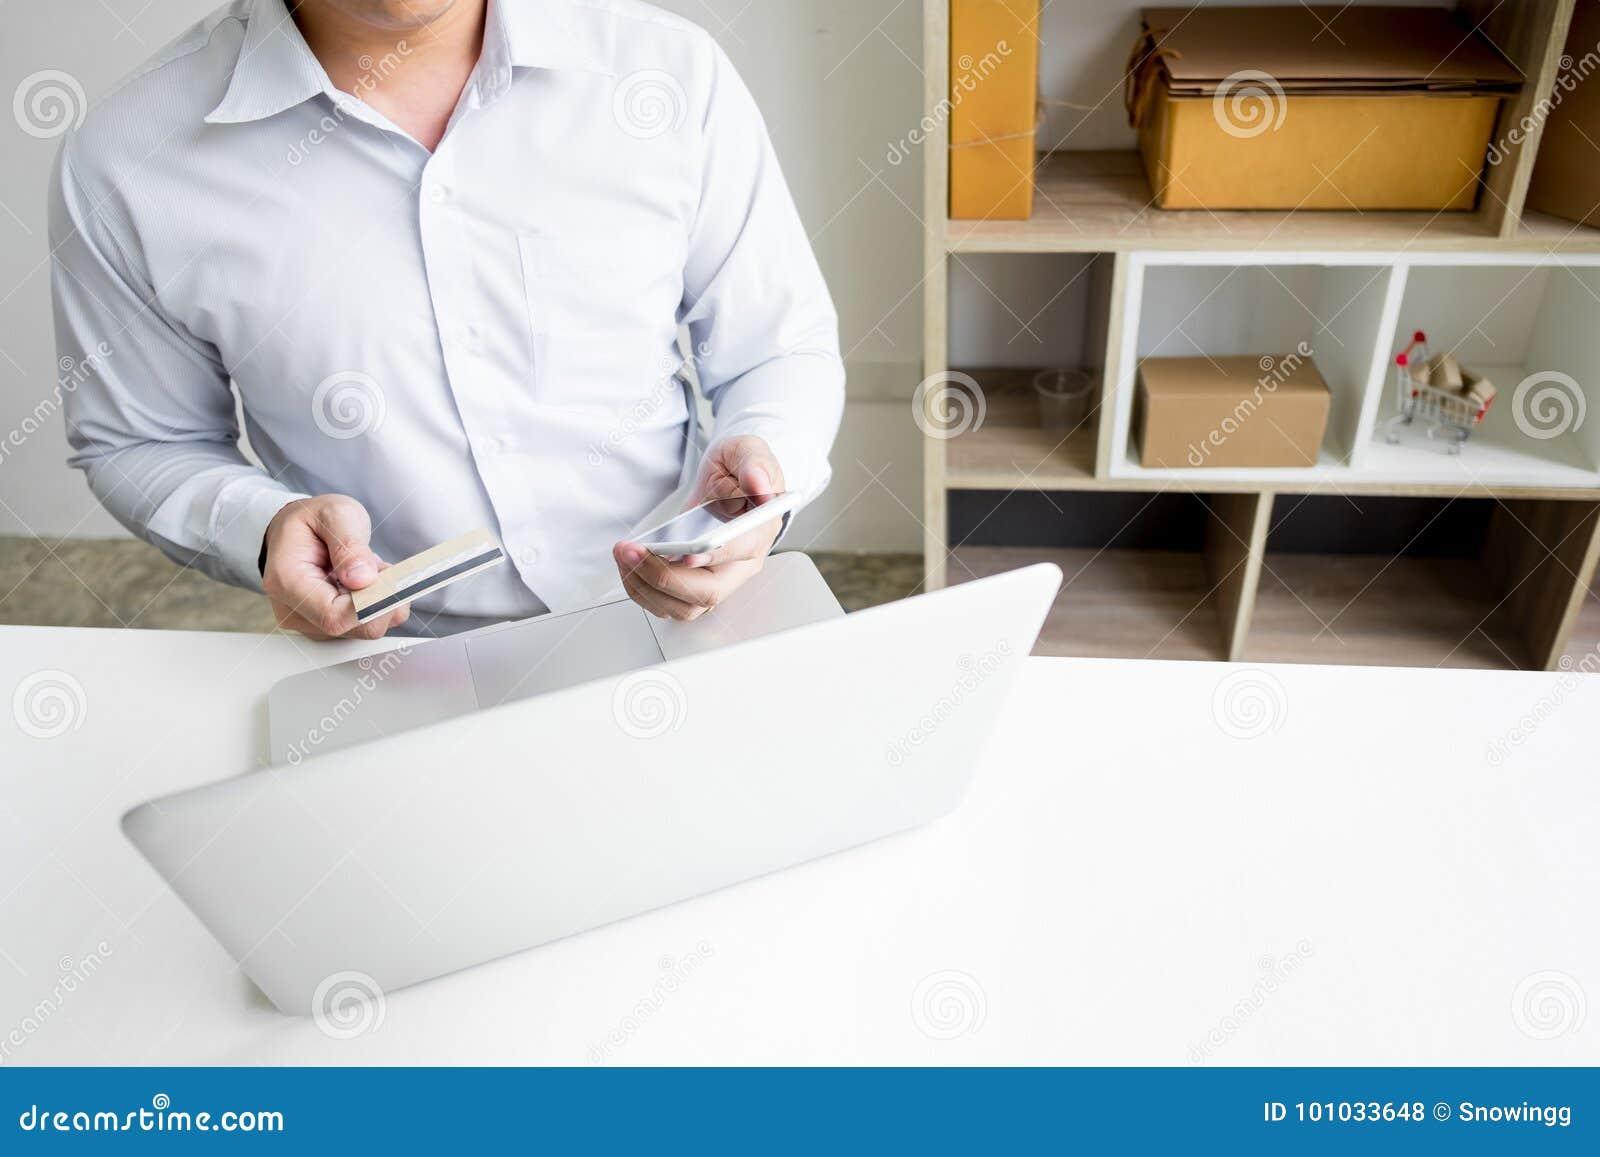 Obsługuje trzymać kredytową kartę w ręce i wchodzić do ochrona kodu używać